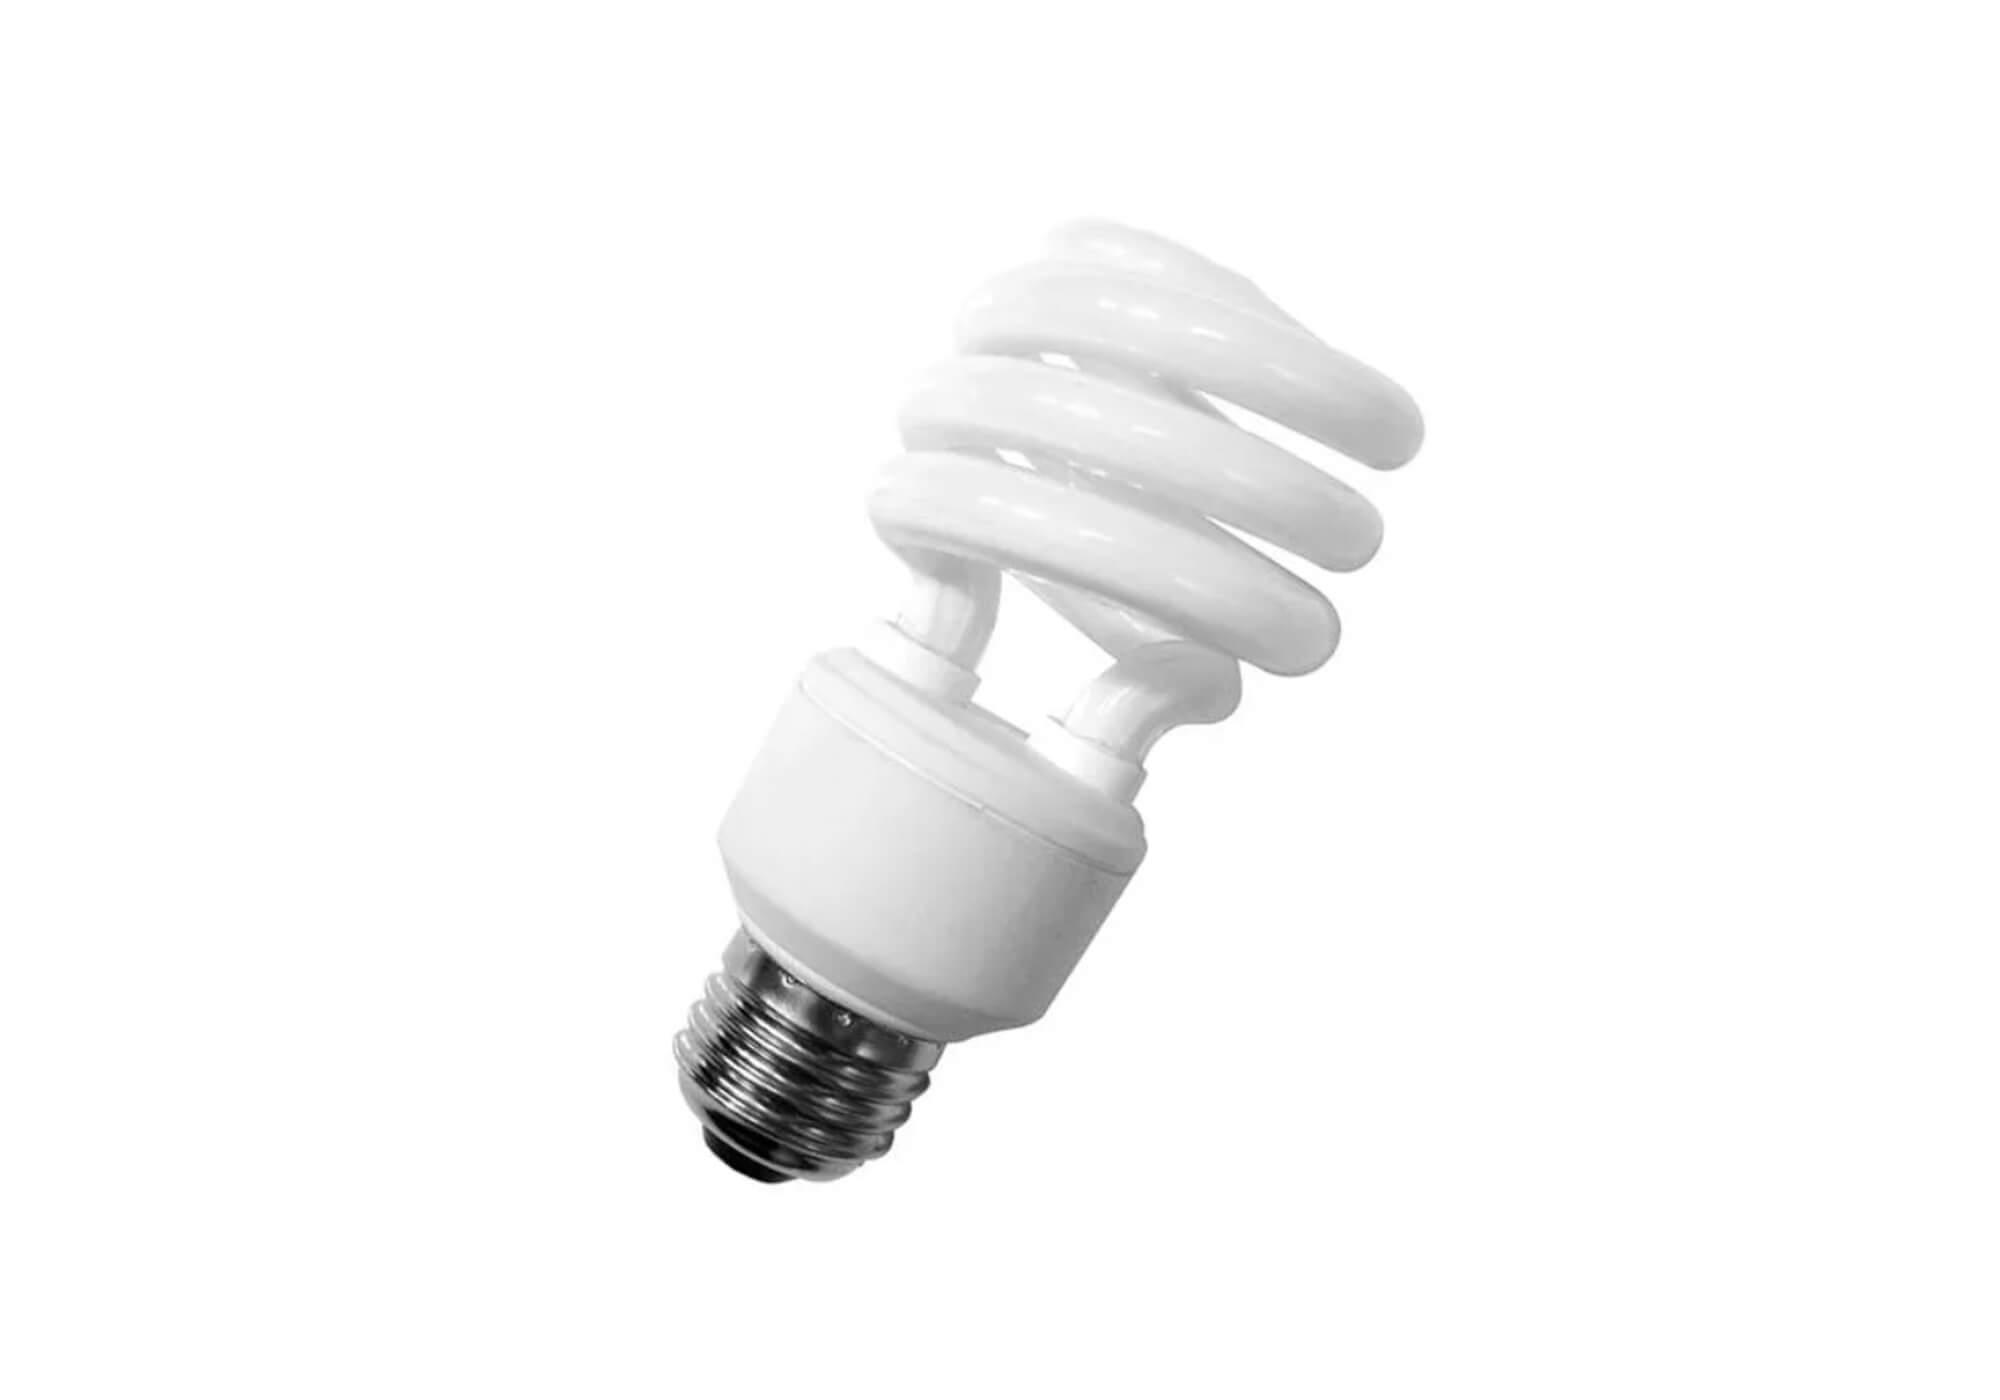 Lâmpada LED Espiral em destaque